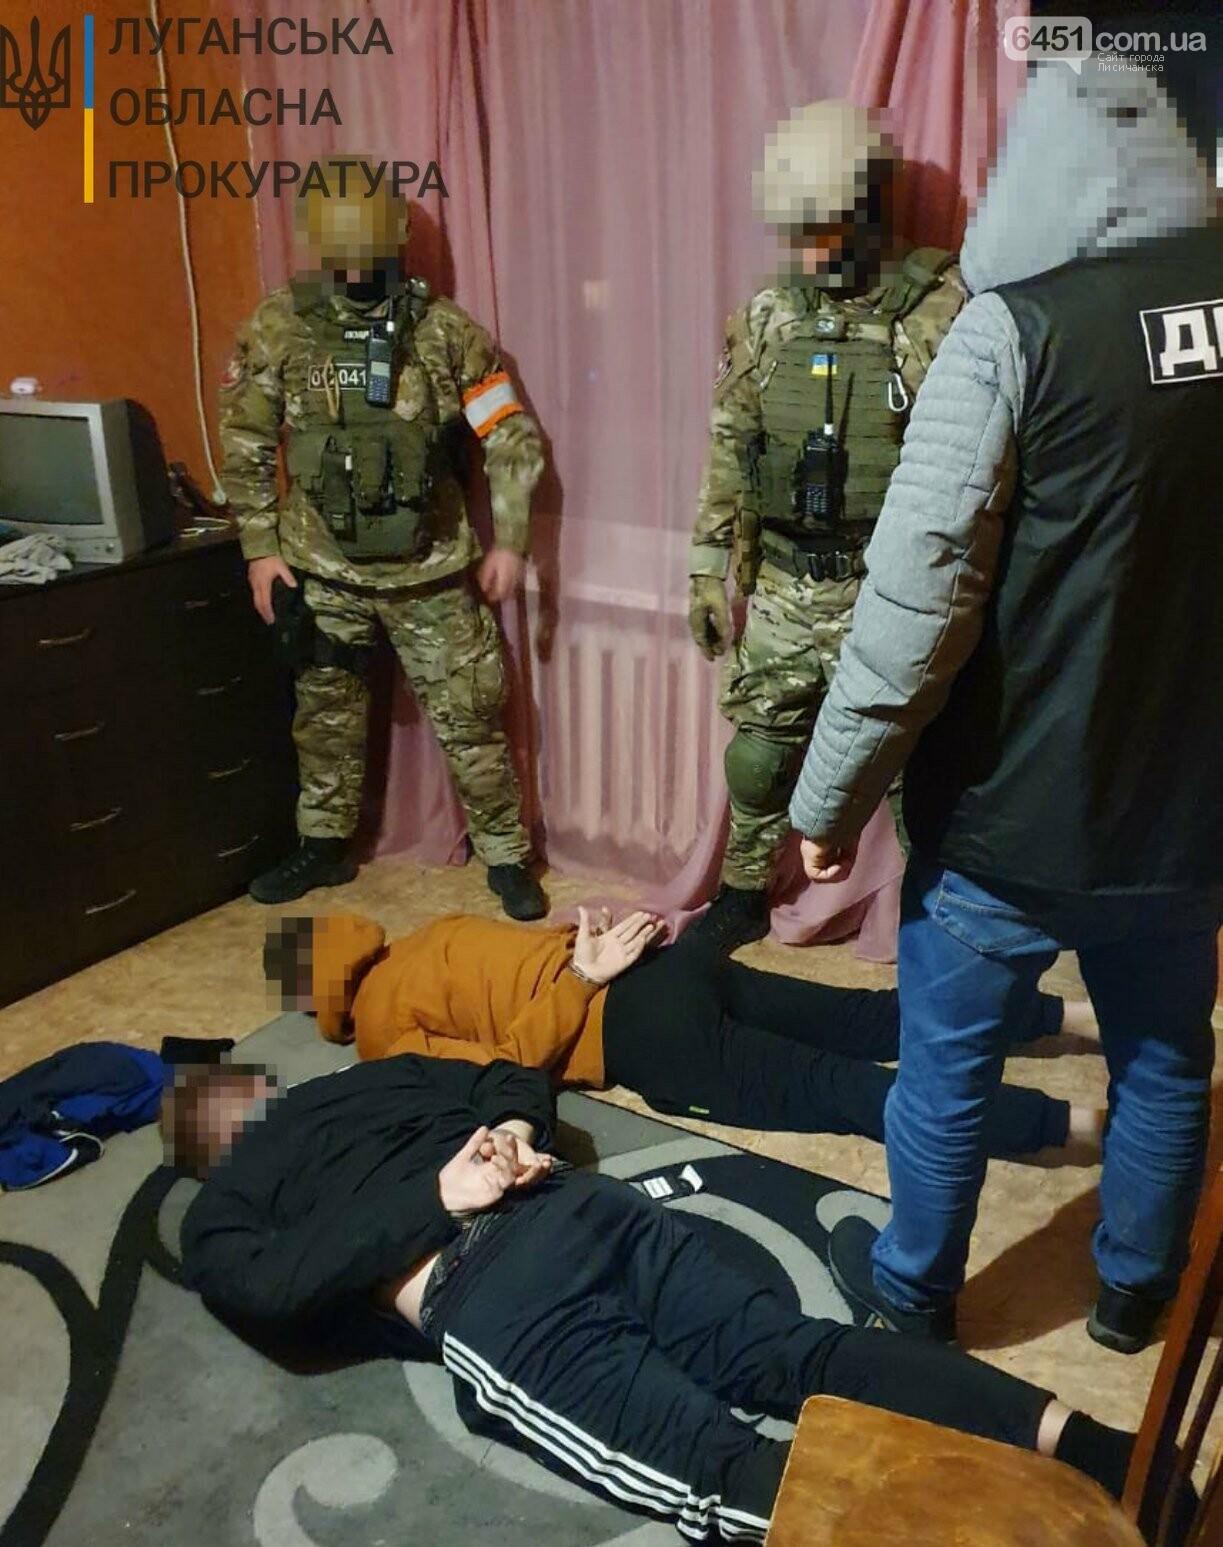 Работника Службы судебной охраны задержали во время сбыта наркотиков, фото-1, Прокуратура Луганской области